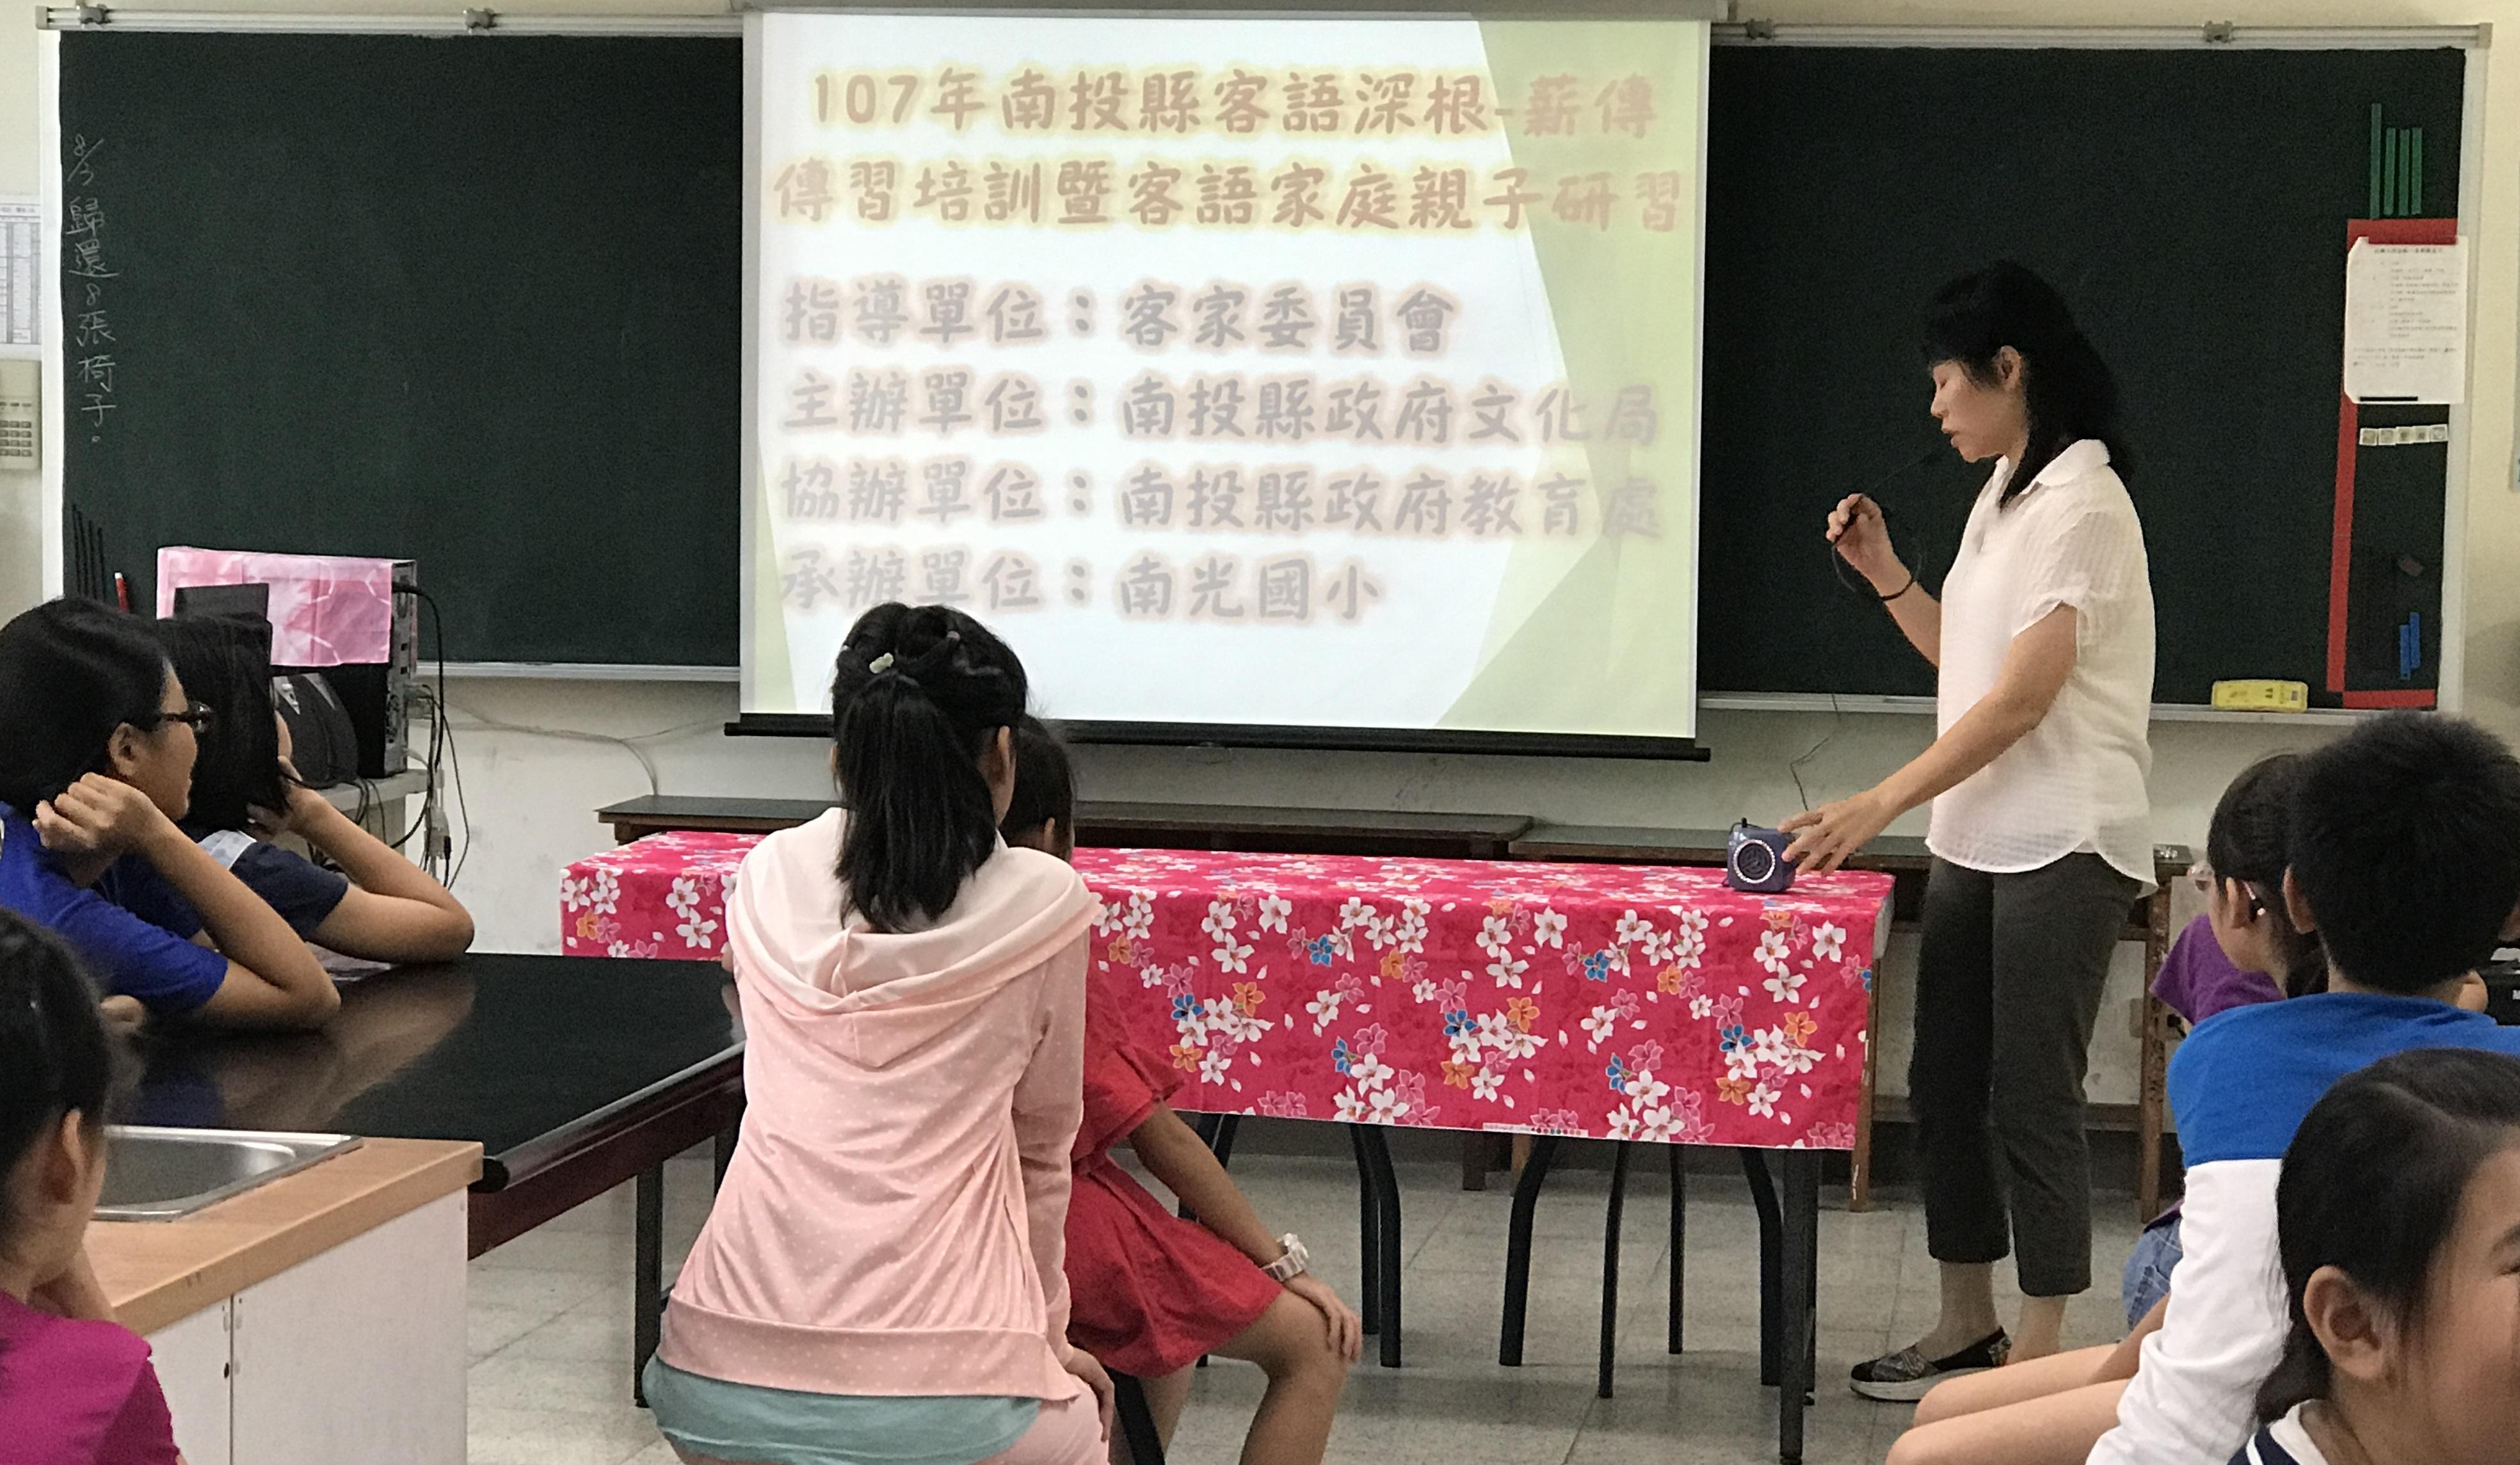 107年度『多元客家文化親子研習』活動